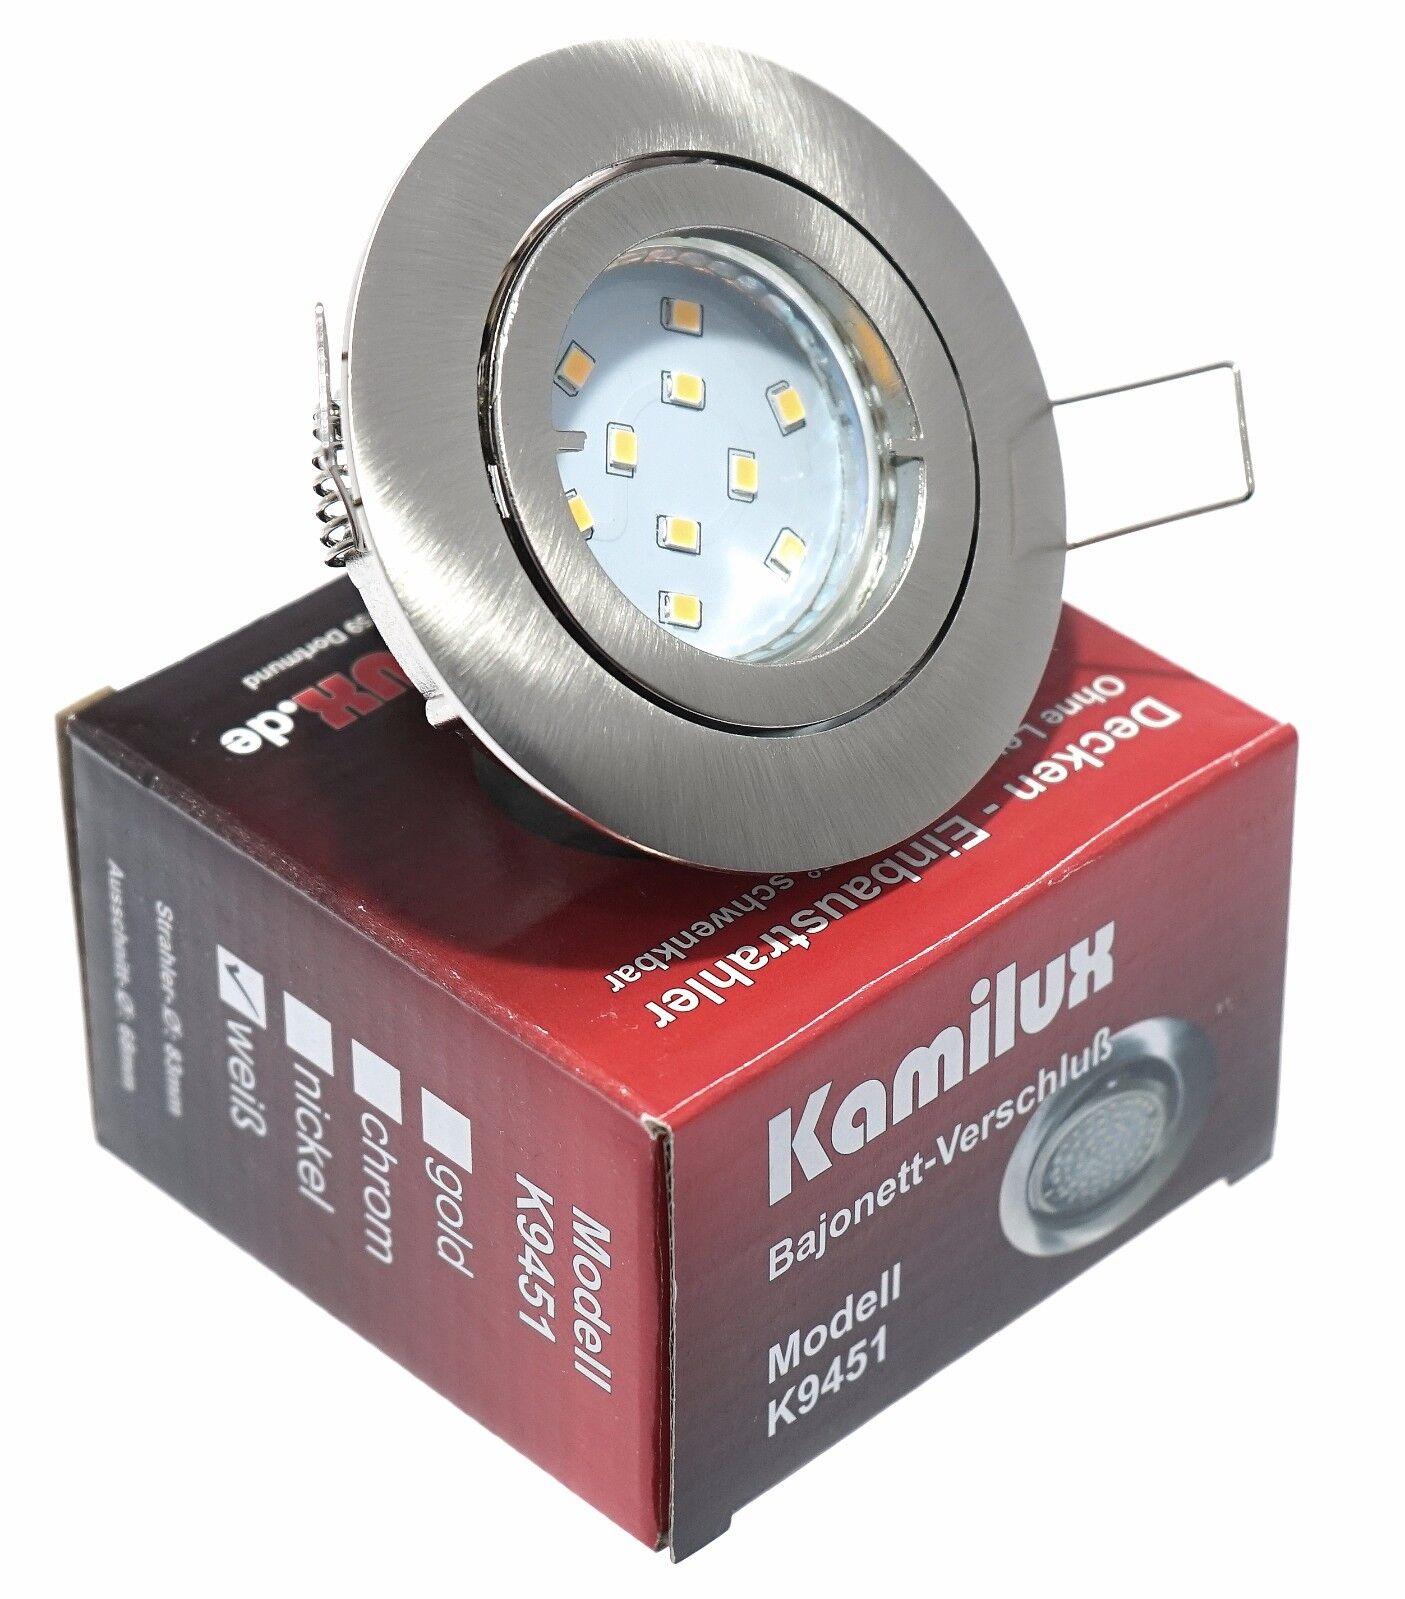 5W 400Lm 230V LED Einbaustrahler Bajo K9451 Schwenkbar Einbauleuchte Einbauspots